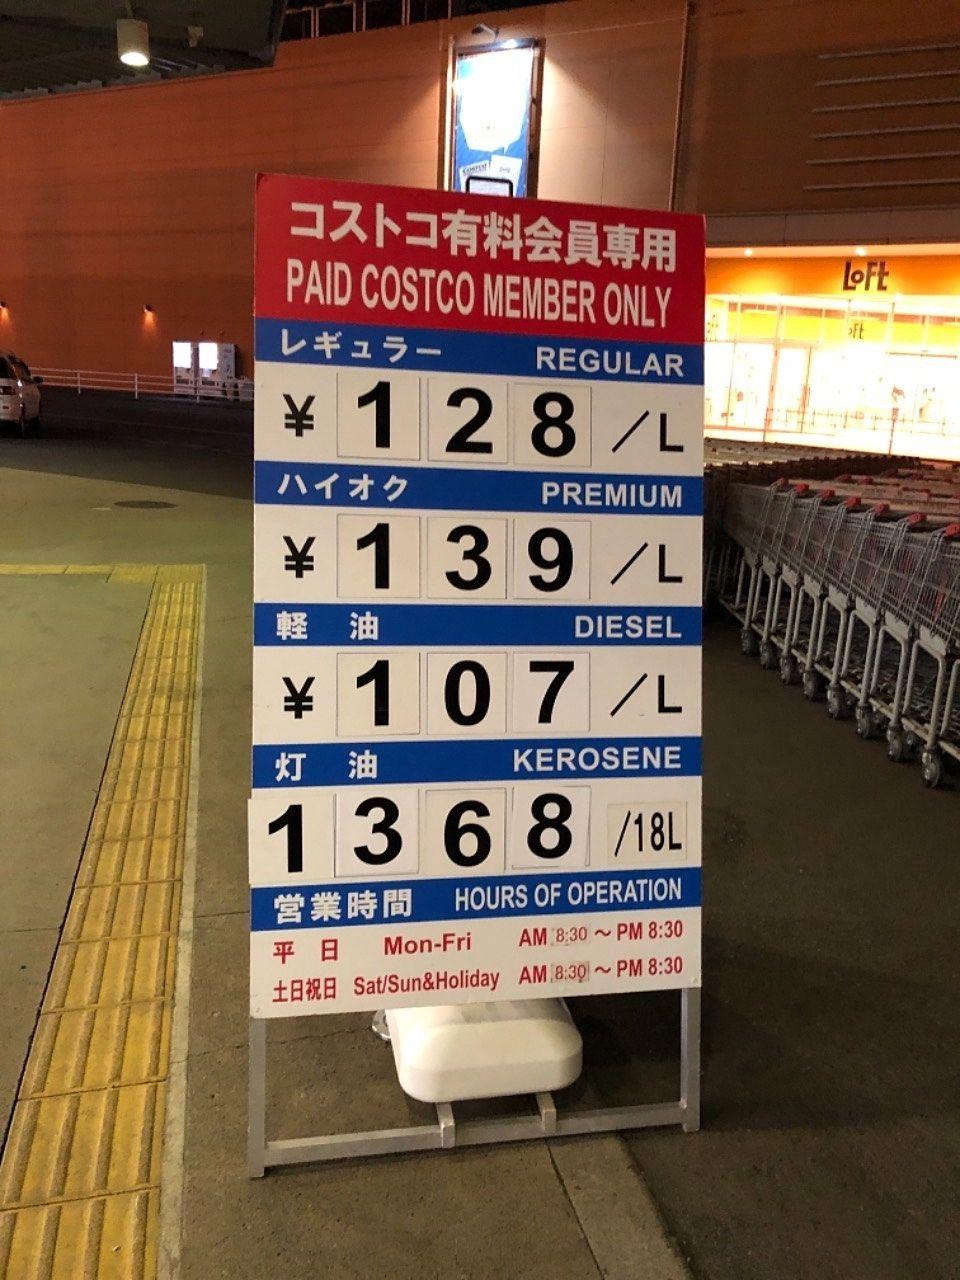 新三郷コストコにガソリンスタンドがオープン。